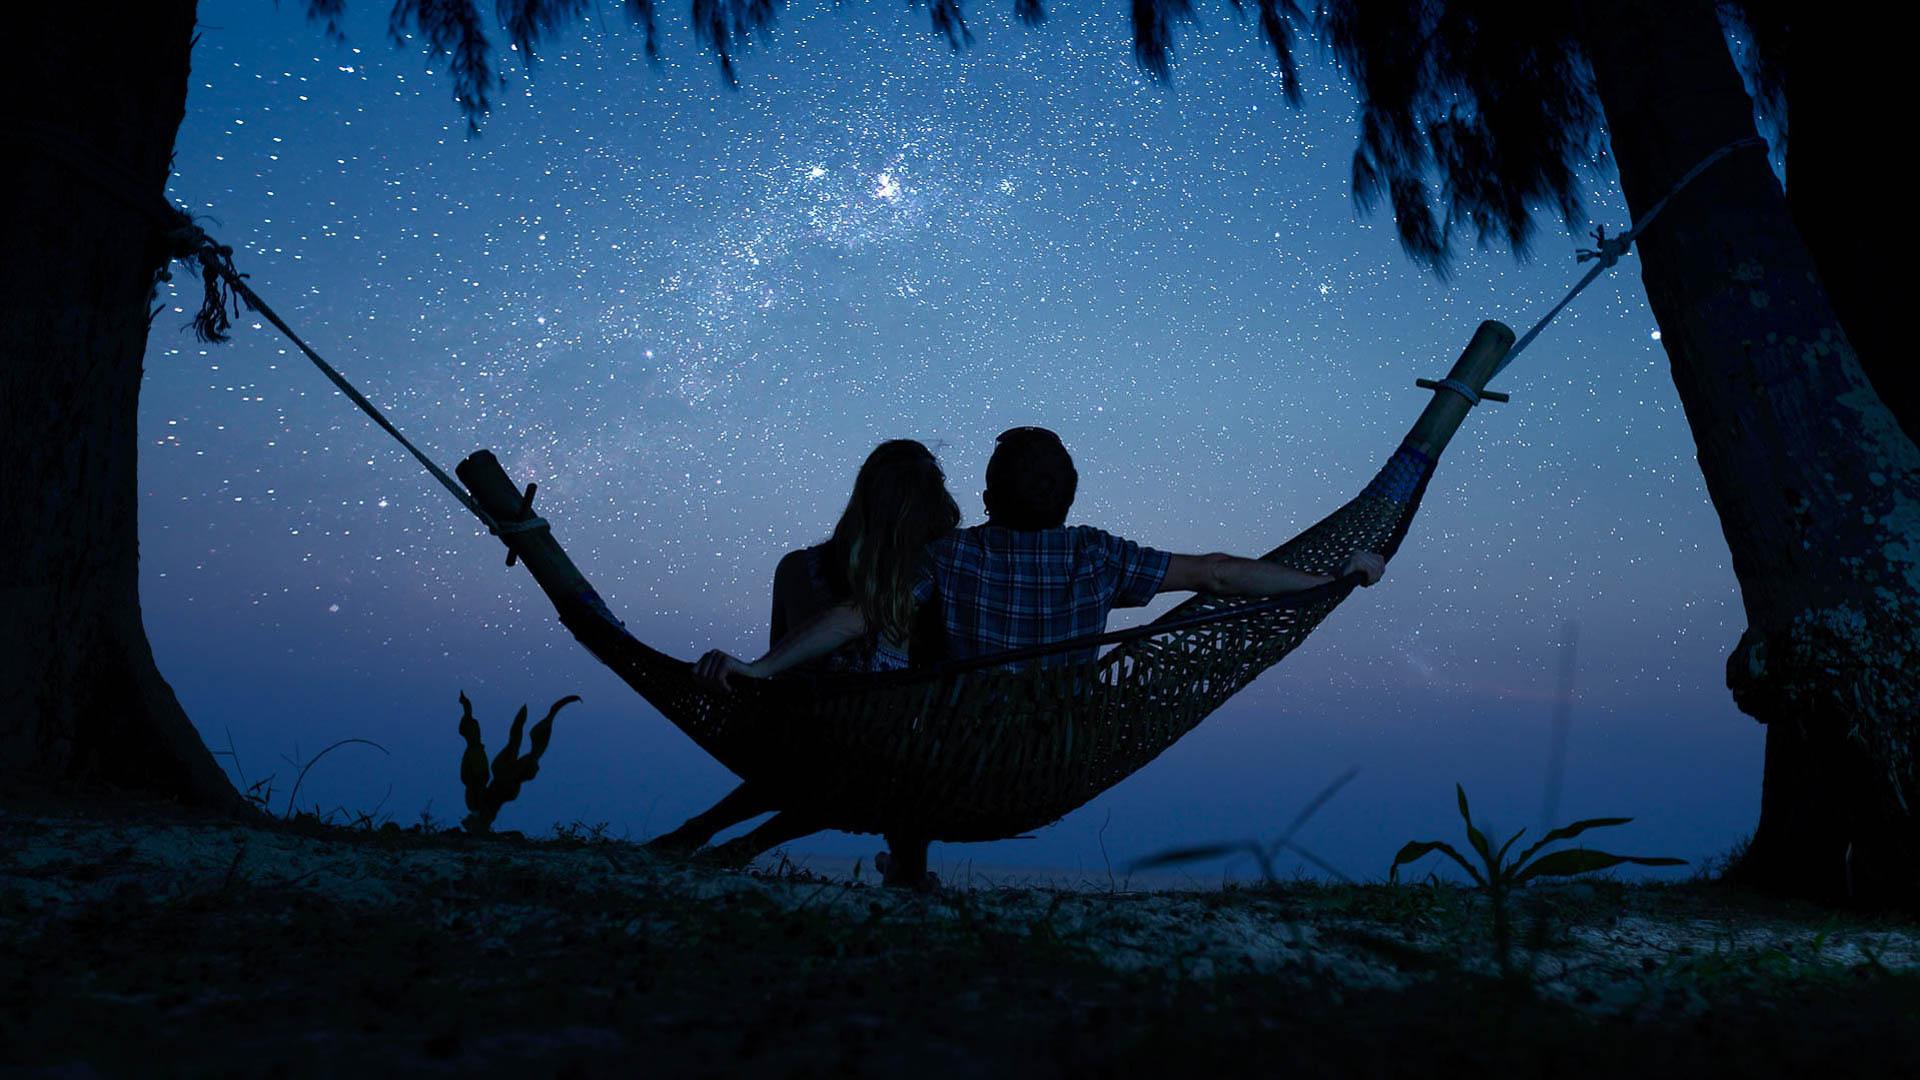 Романтичные картинки на ночь, для